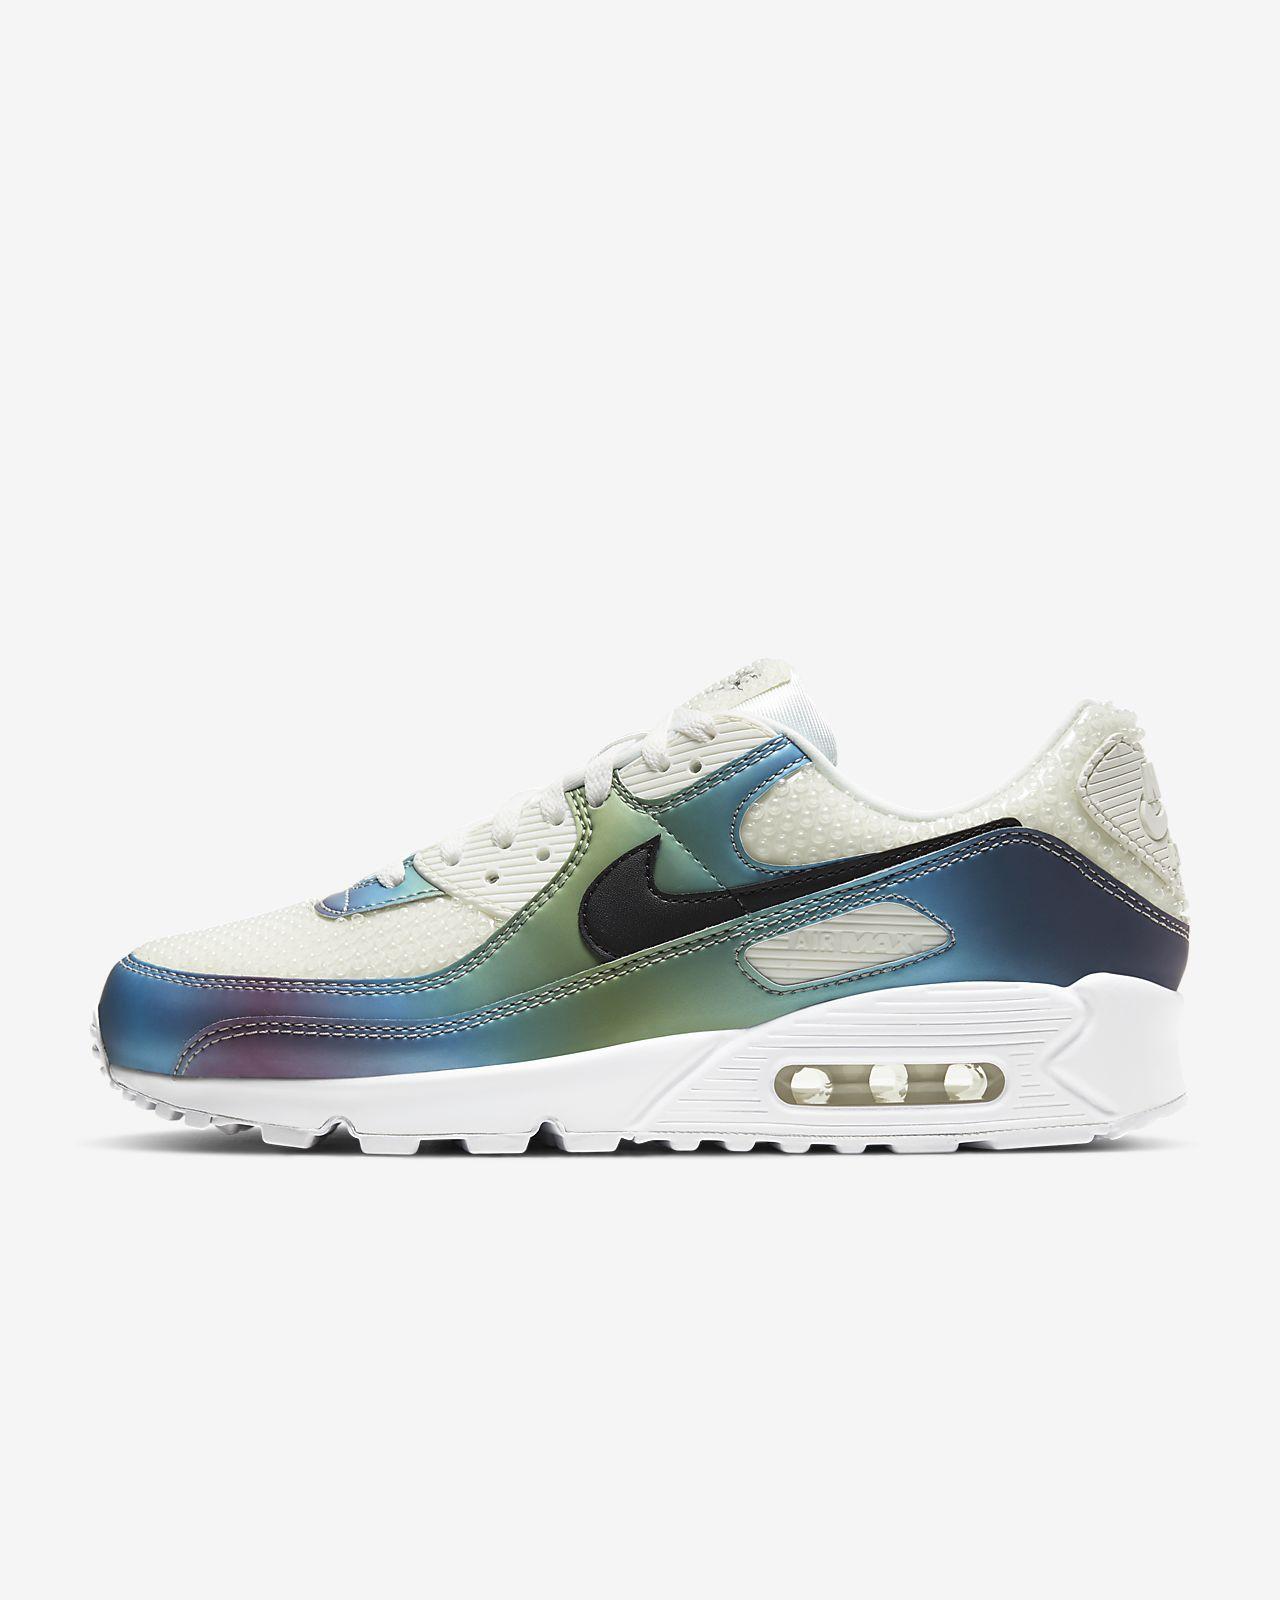 Nike Air Max 90 Donna : Scarpe sportive di marca, stile uomo